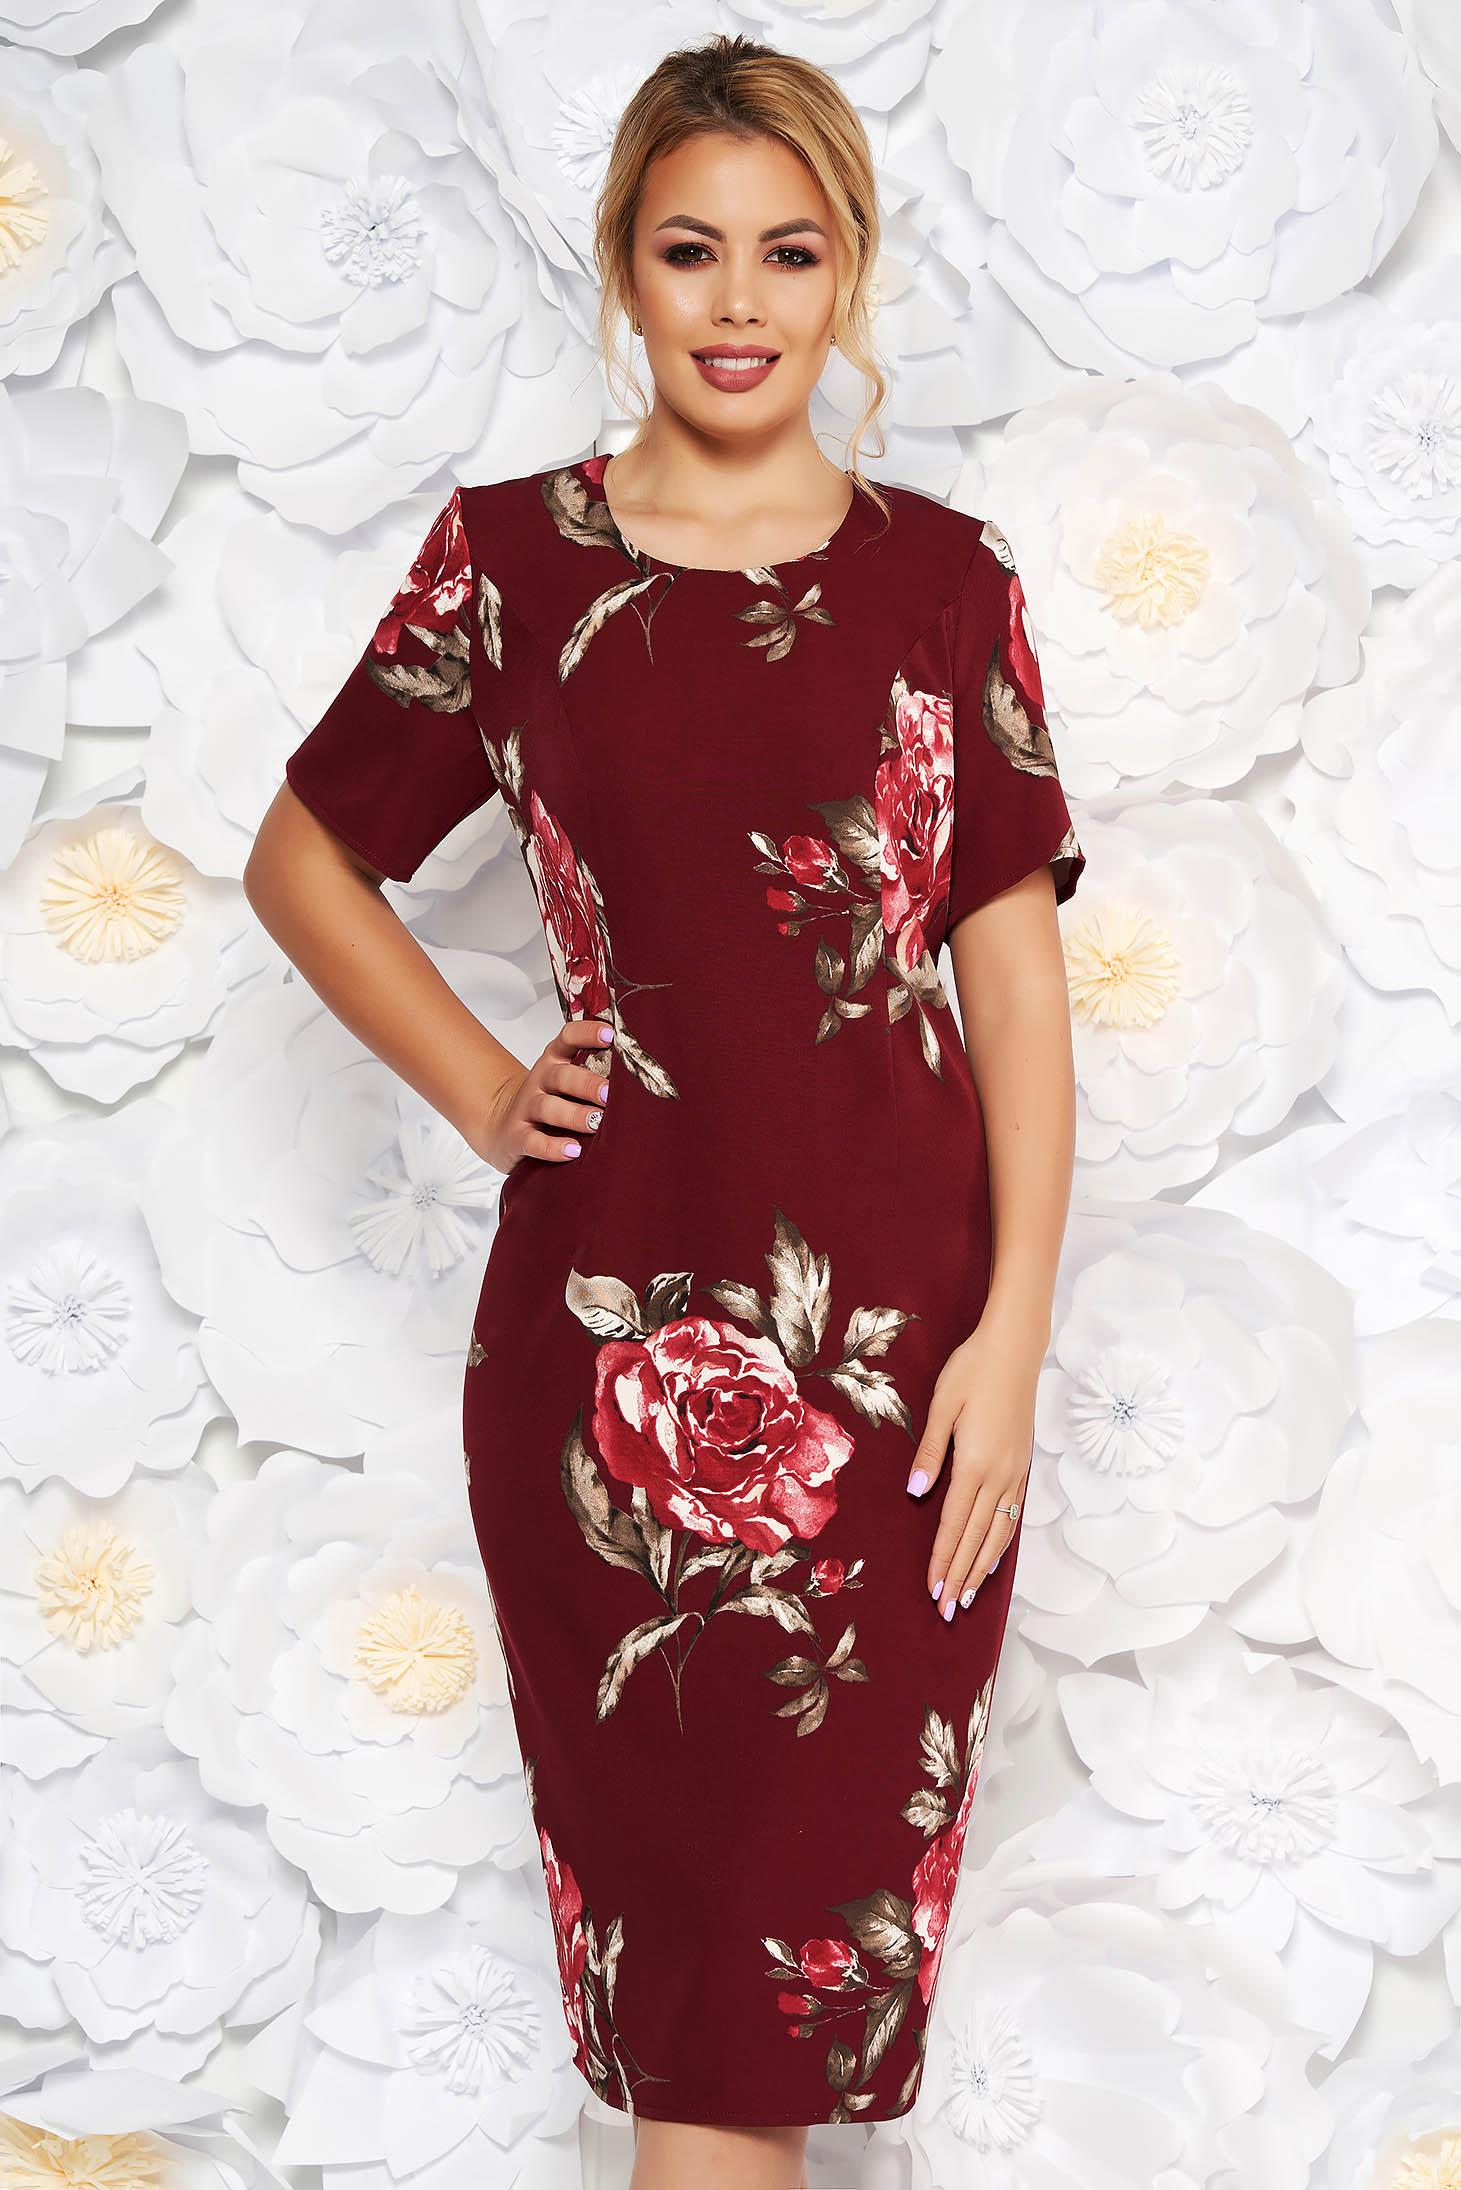 Rochie visinie eleganta cu un croi mulat cu maneca scurta din material fin la atingere cu imprimeuri florale